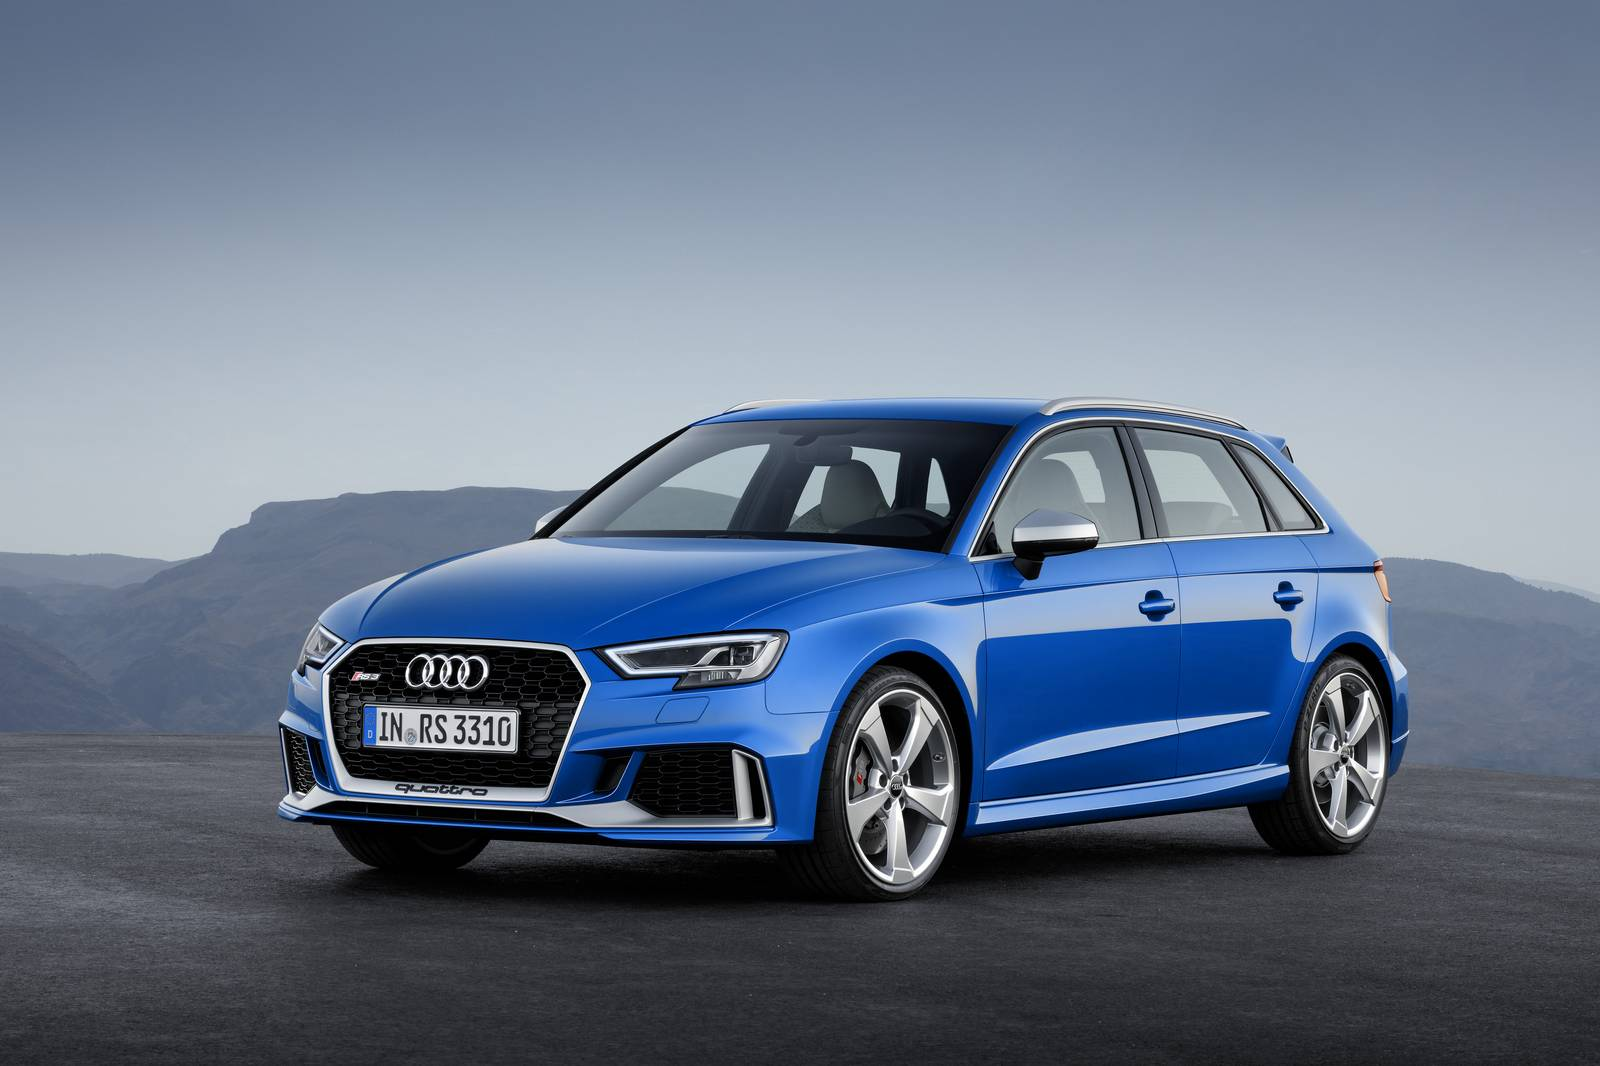 [Imagen: Audi-RS3-Sportback-8.jpg]